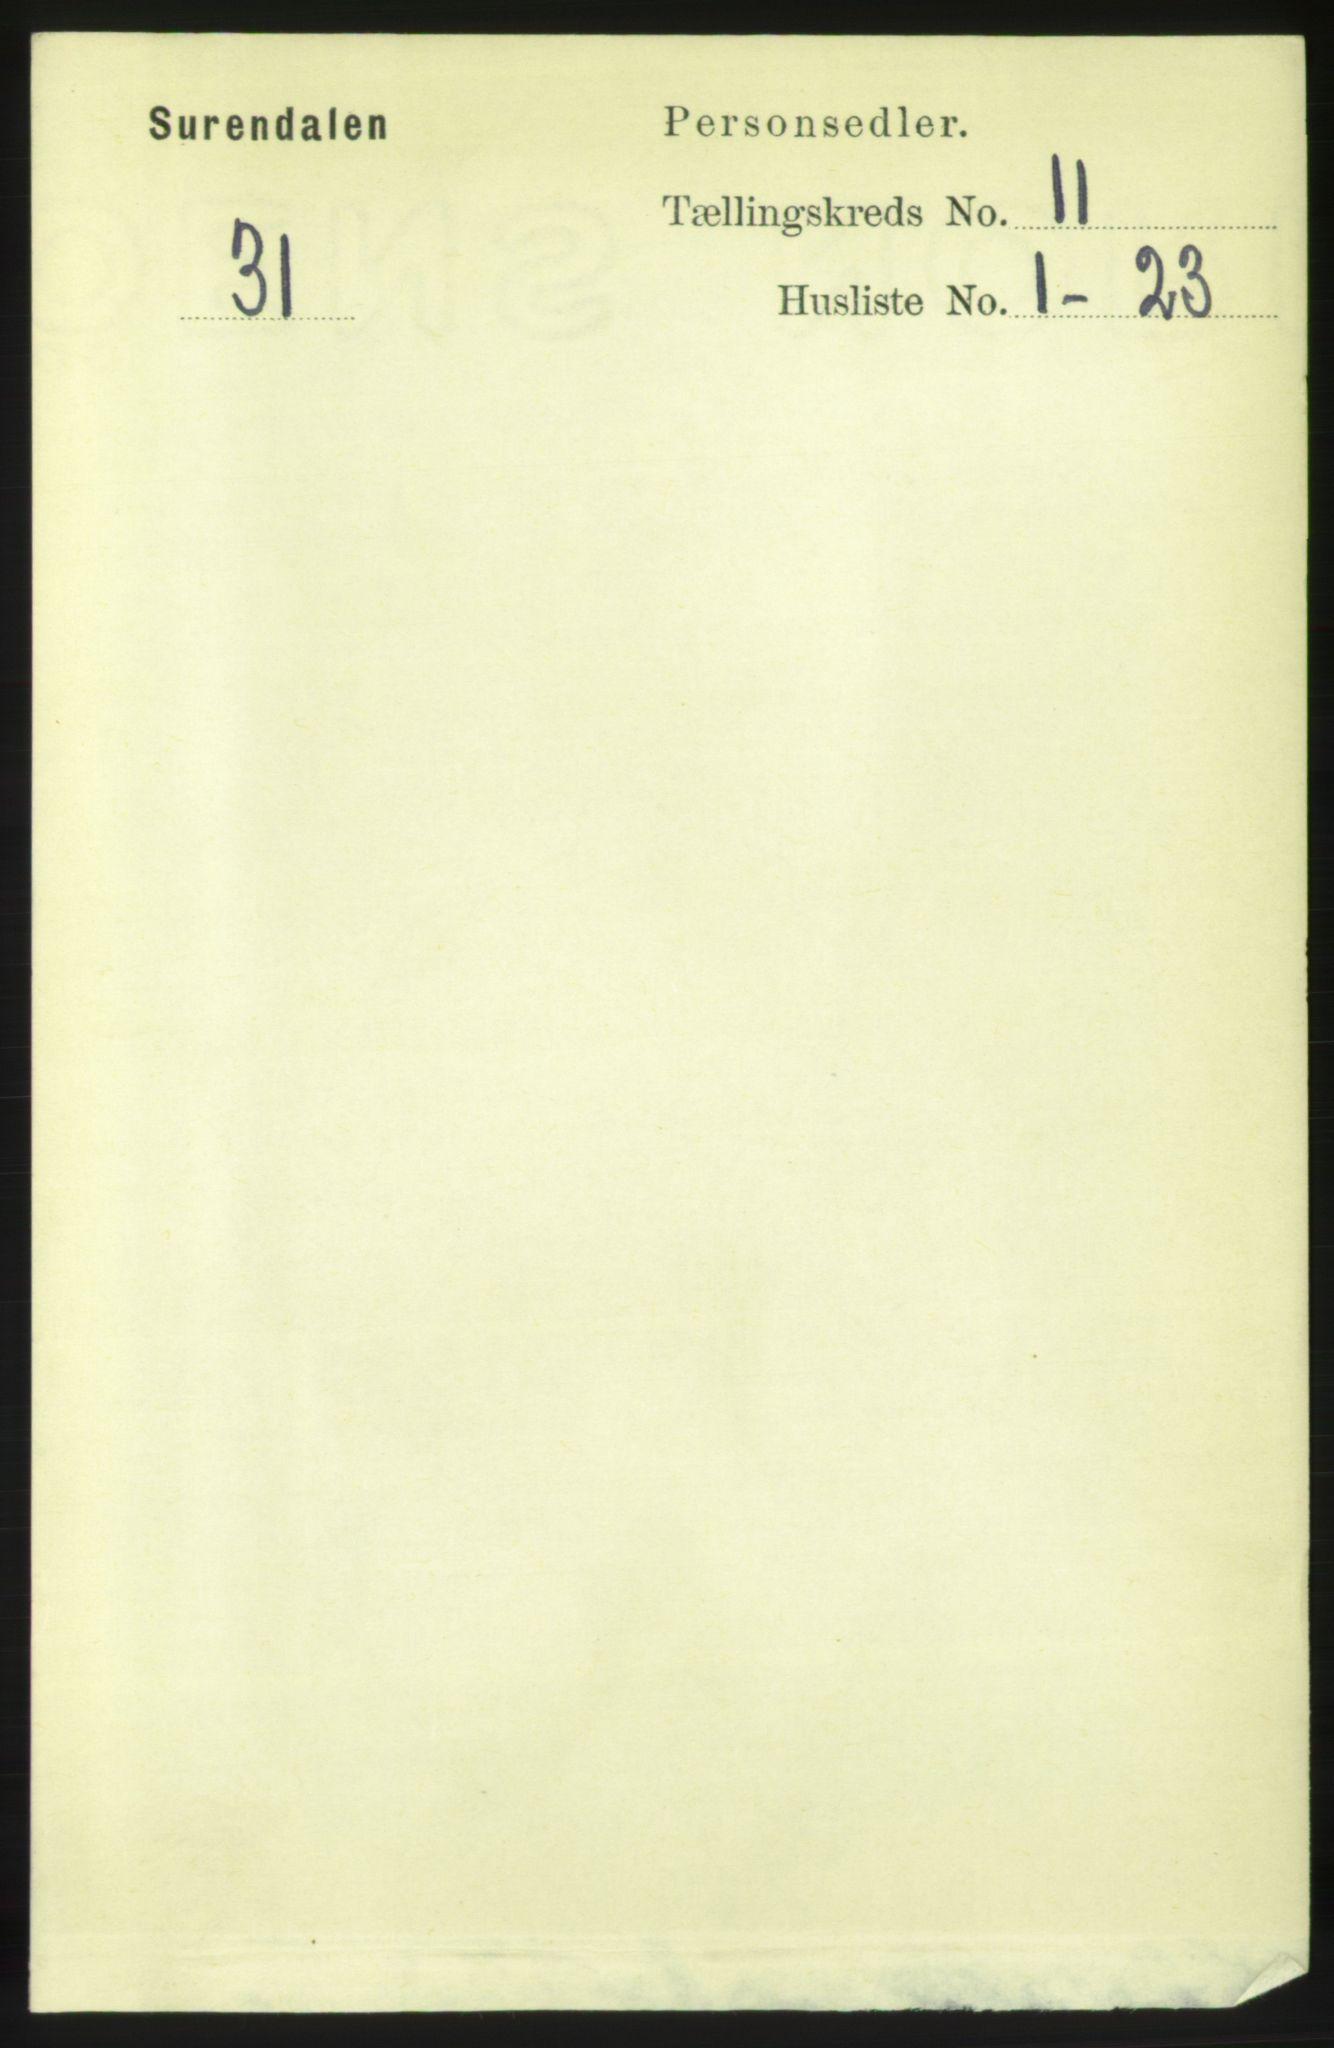 RA, Folketelling 1891 for 1566 Surnadal herred, 1891, s. 2670